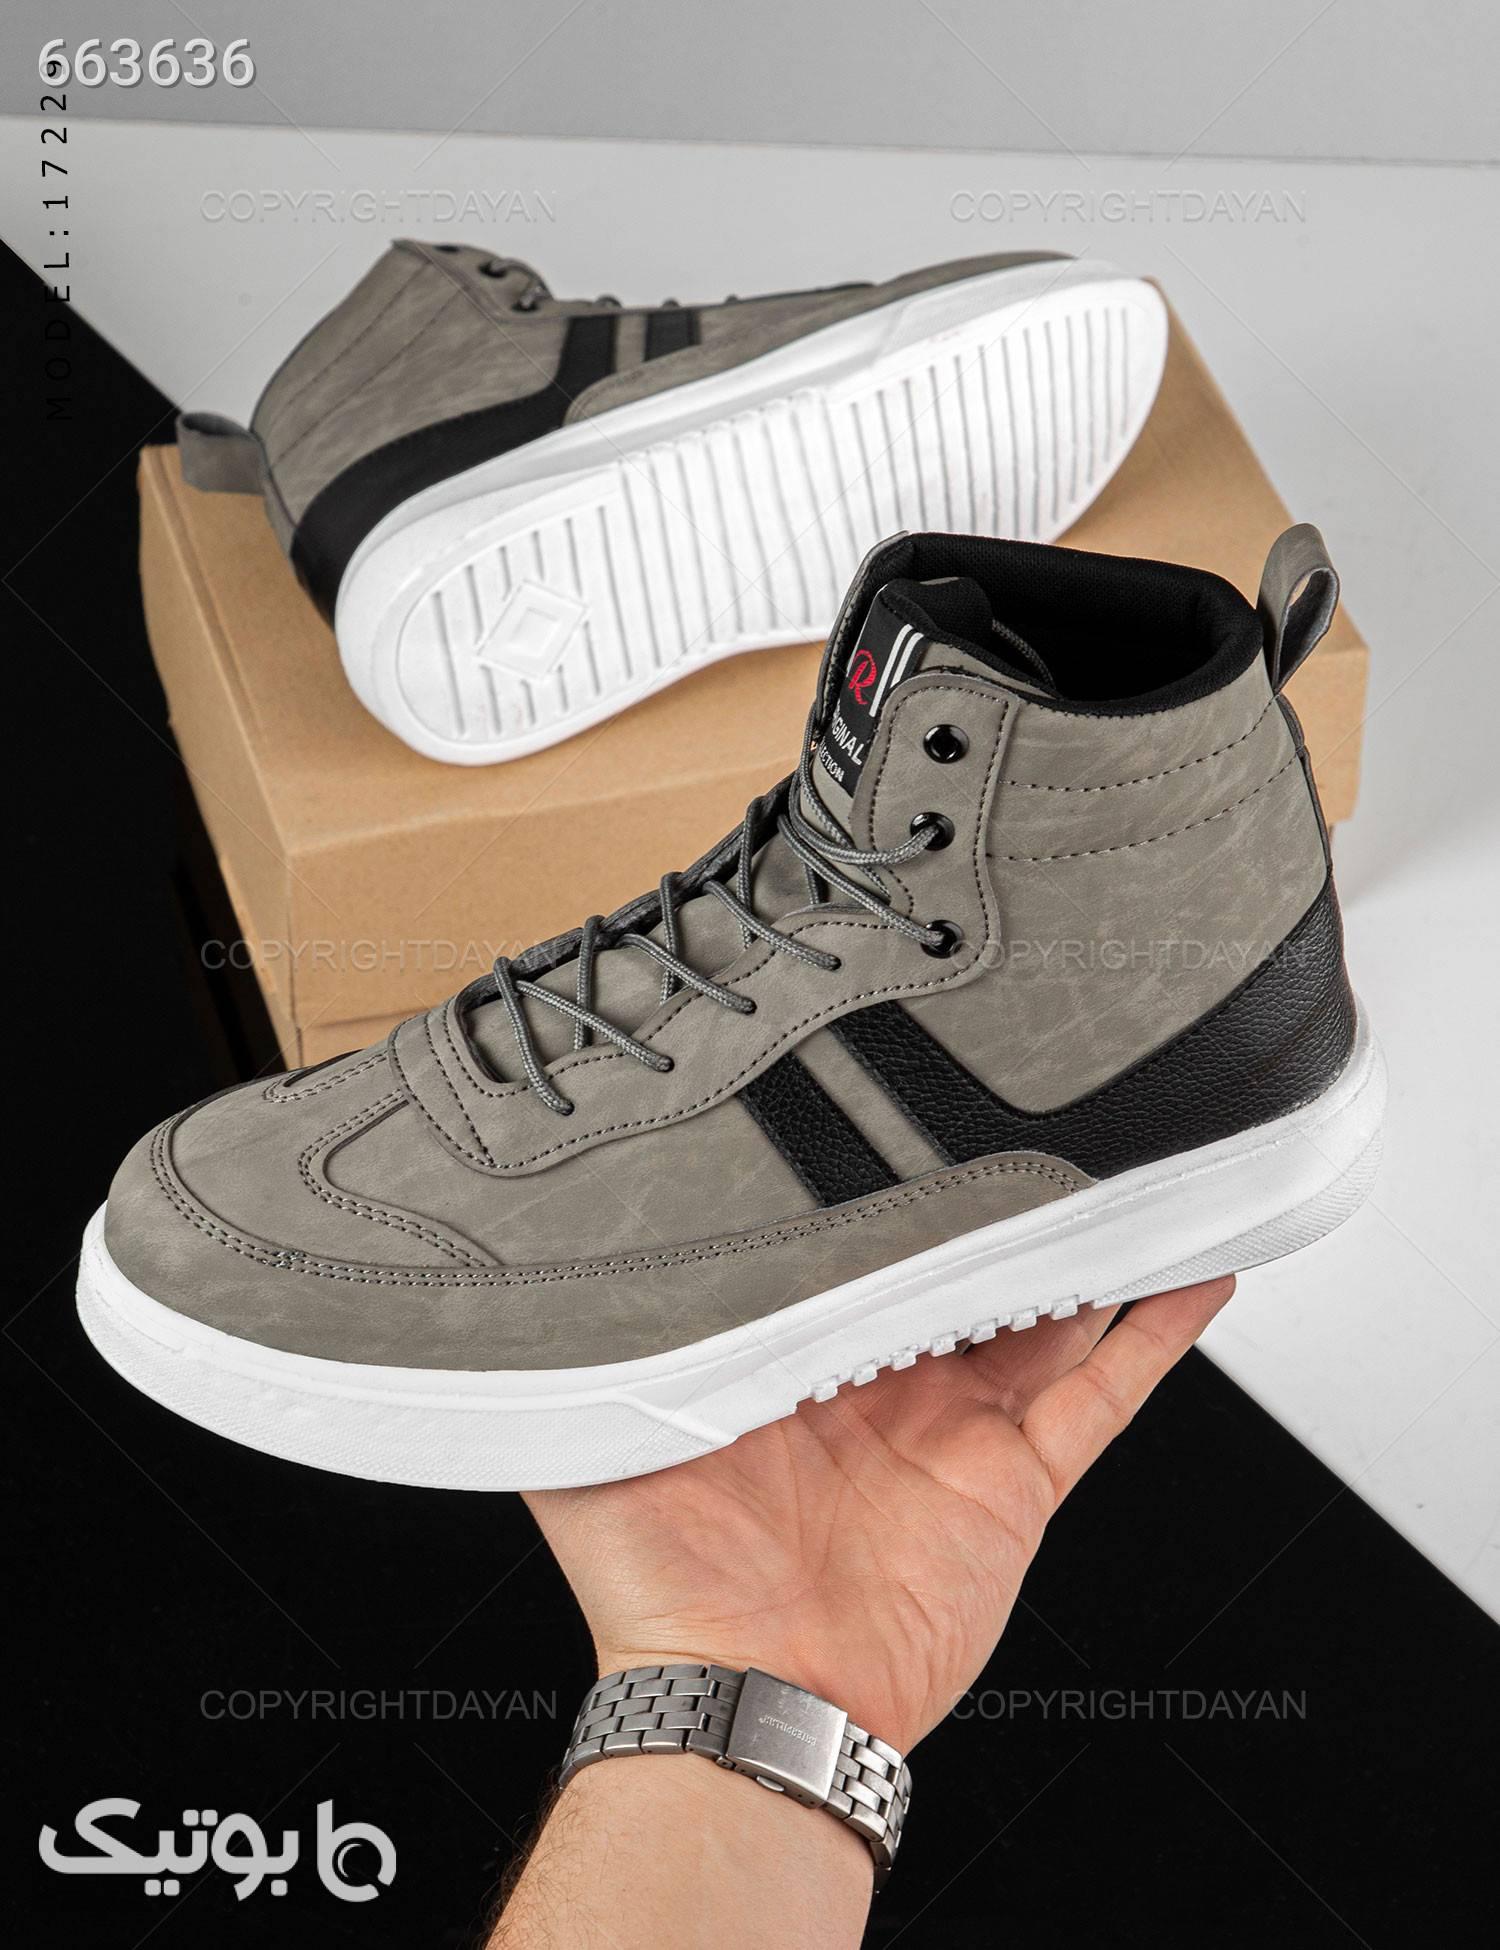 کفش ساقدار مردانه Marlon مدل 17229 طوسی كفش مردانه